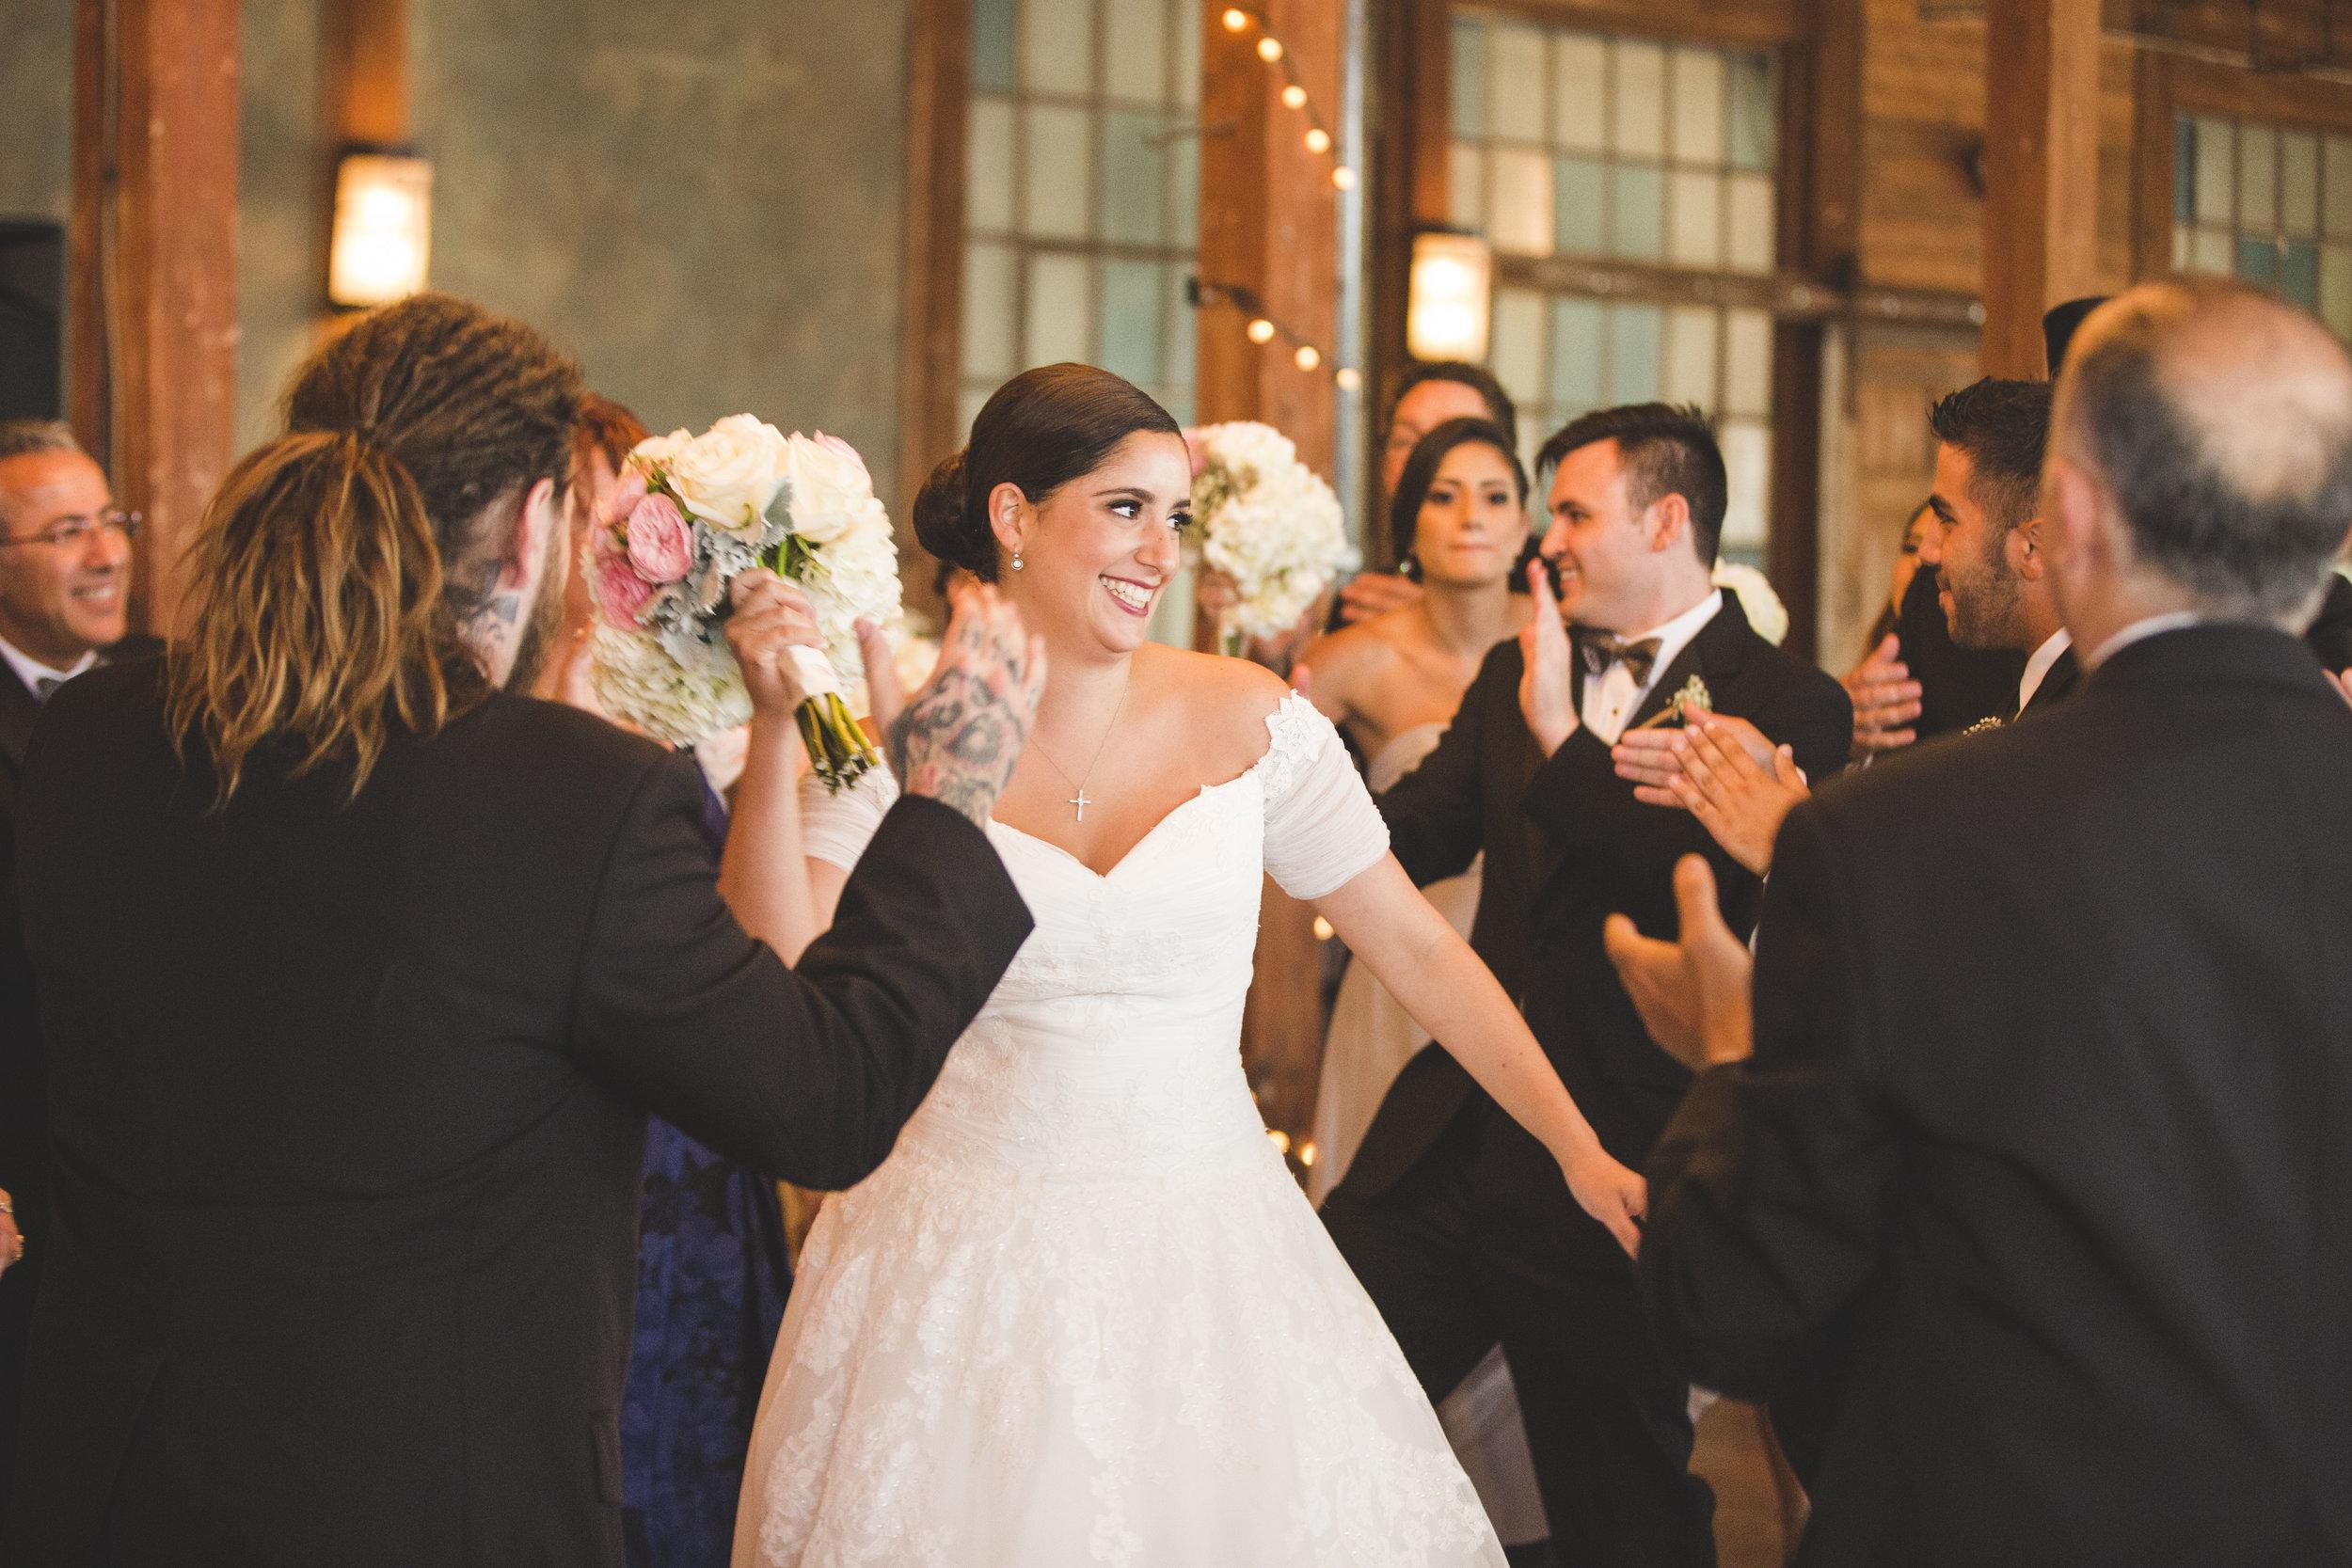 ATGI_Magali & Josh Wedding1__98.jpg